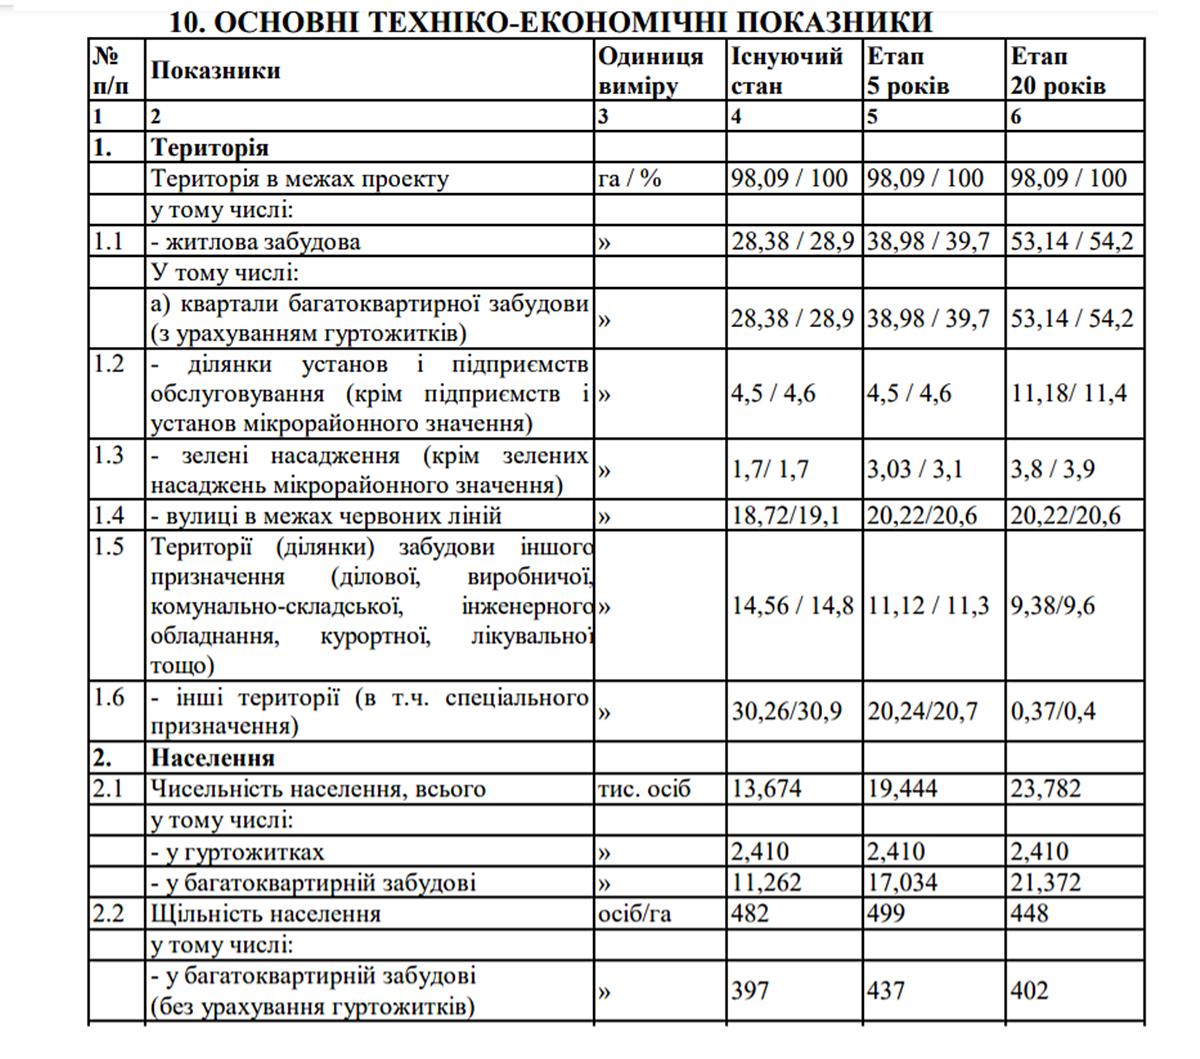 ДПТ Красного Хутора численность населения микрорайона